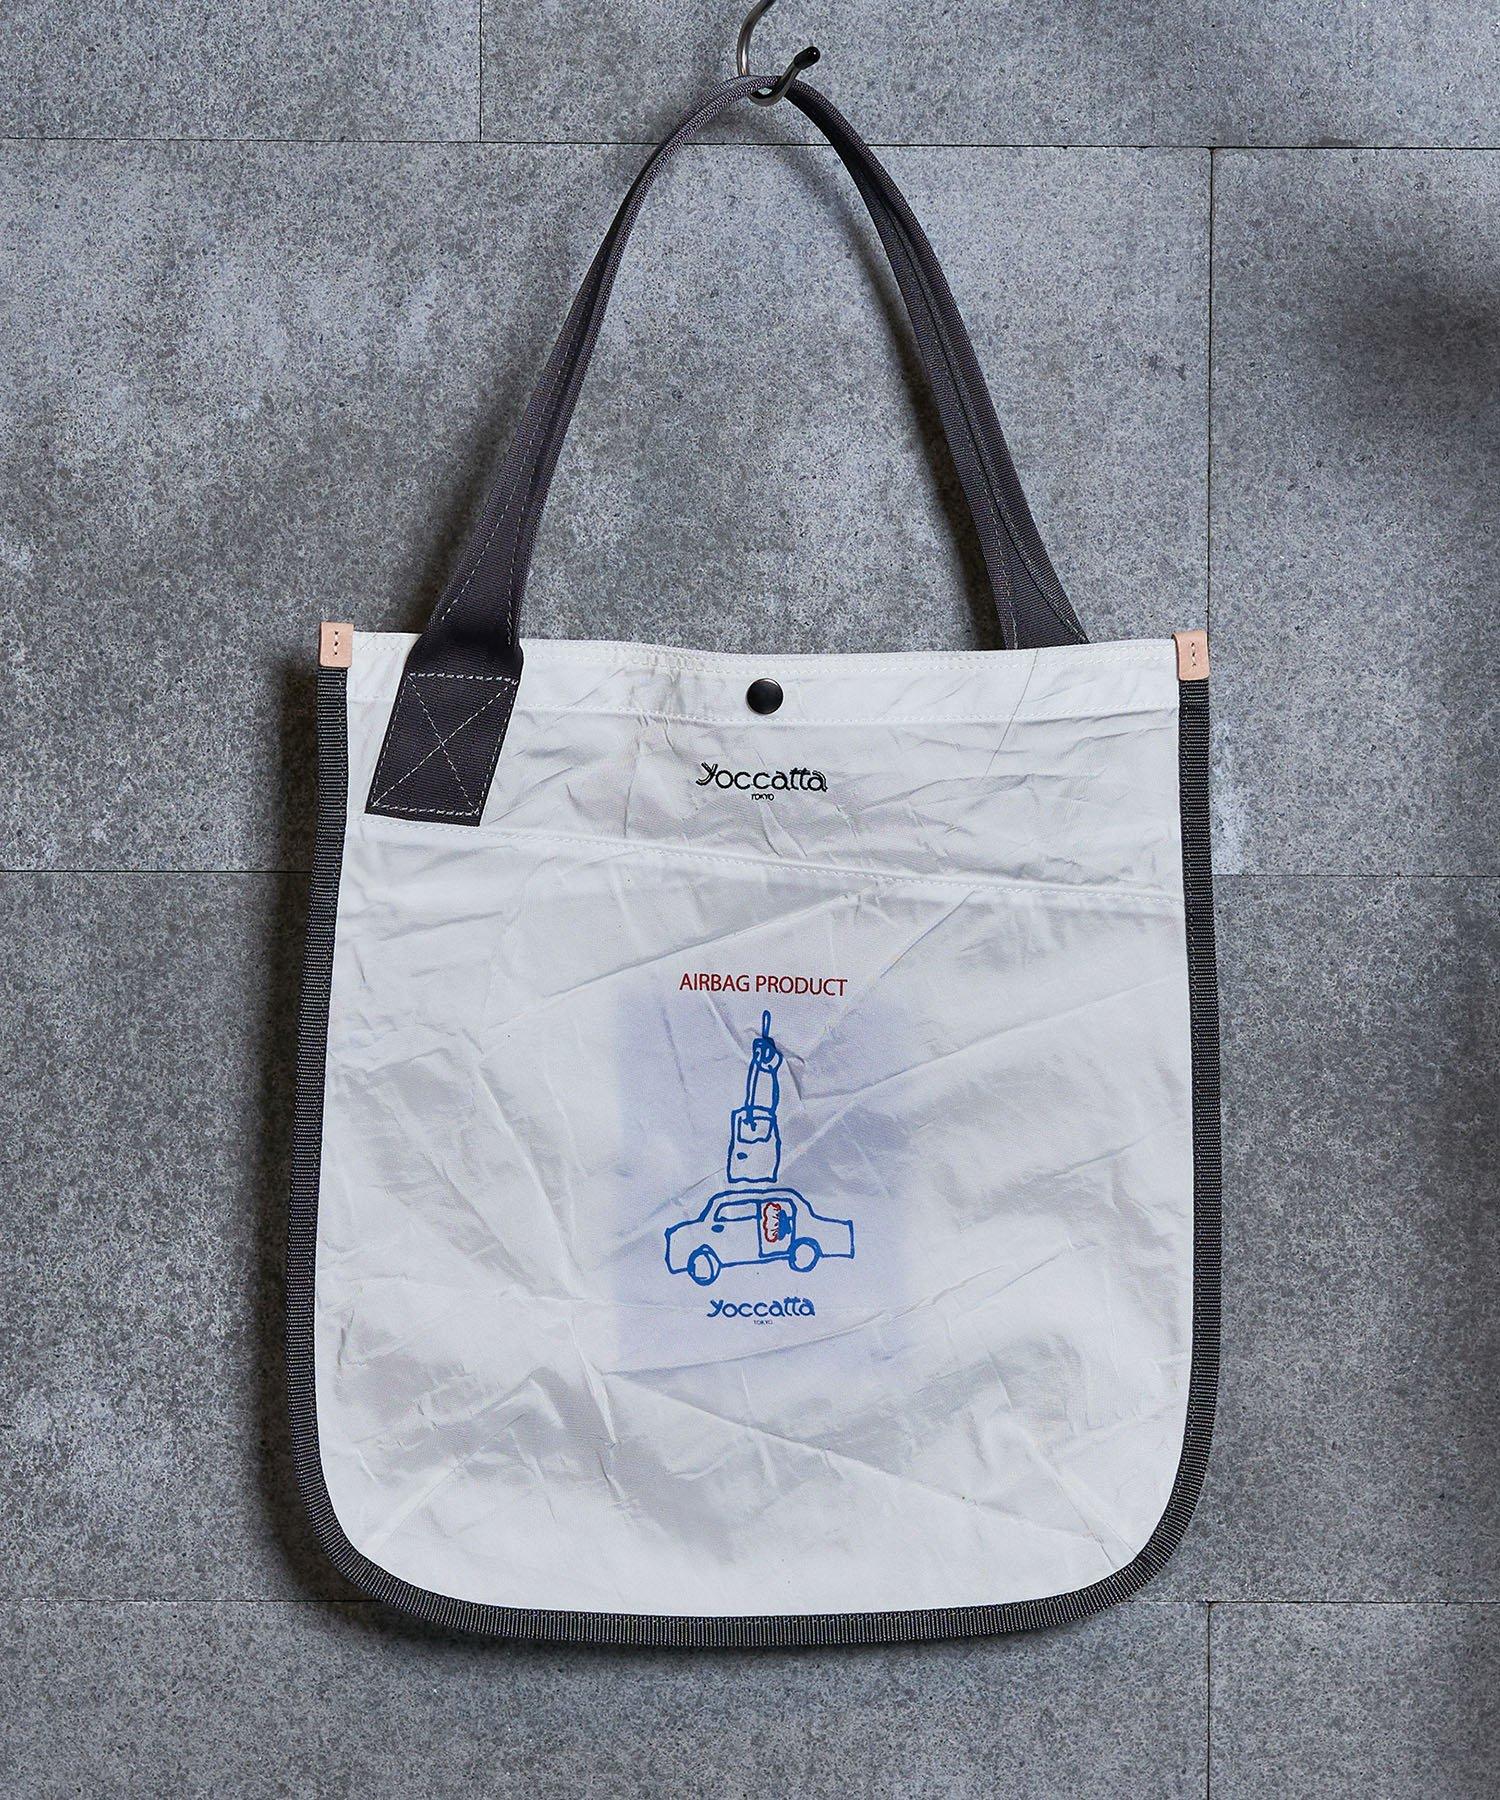 【yoccatta TOKYO】シングルハンドルトート ロゴプリント(8月上旬お届け)